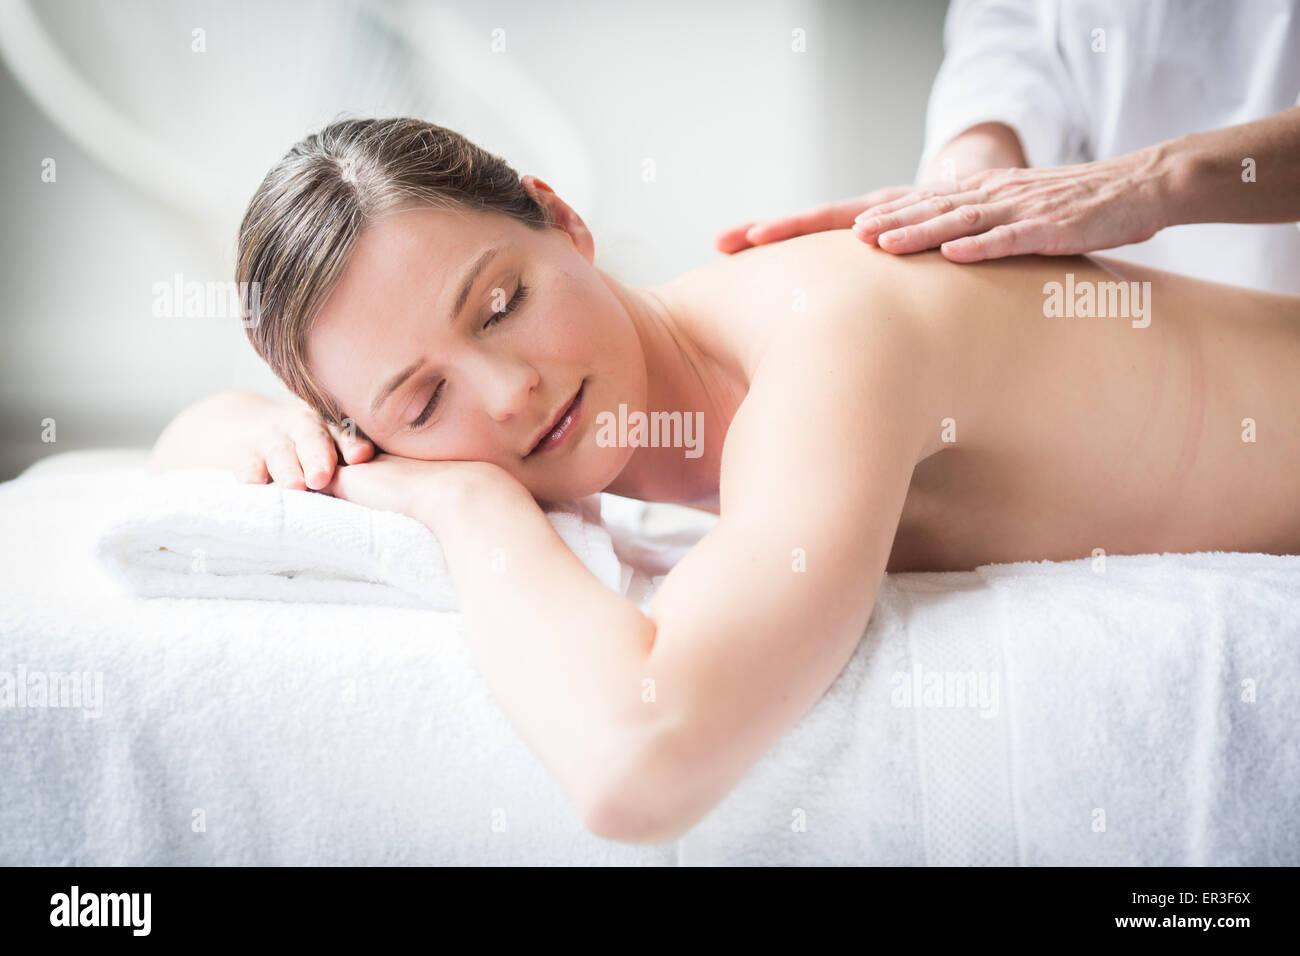 Donna ricevere un massaggio alla schiena. Immagini Stock